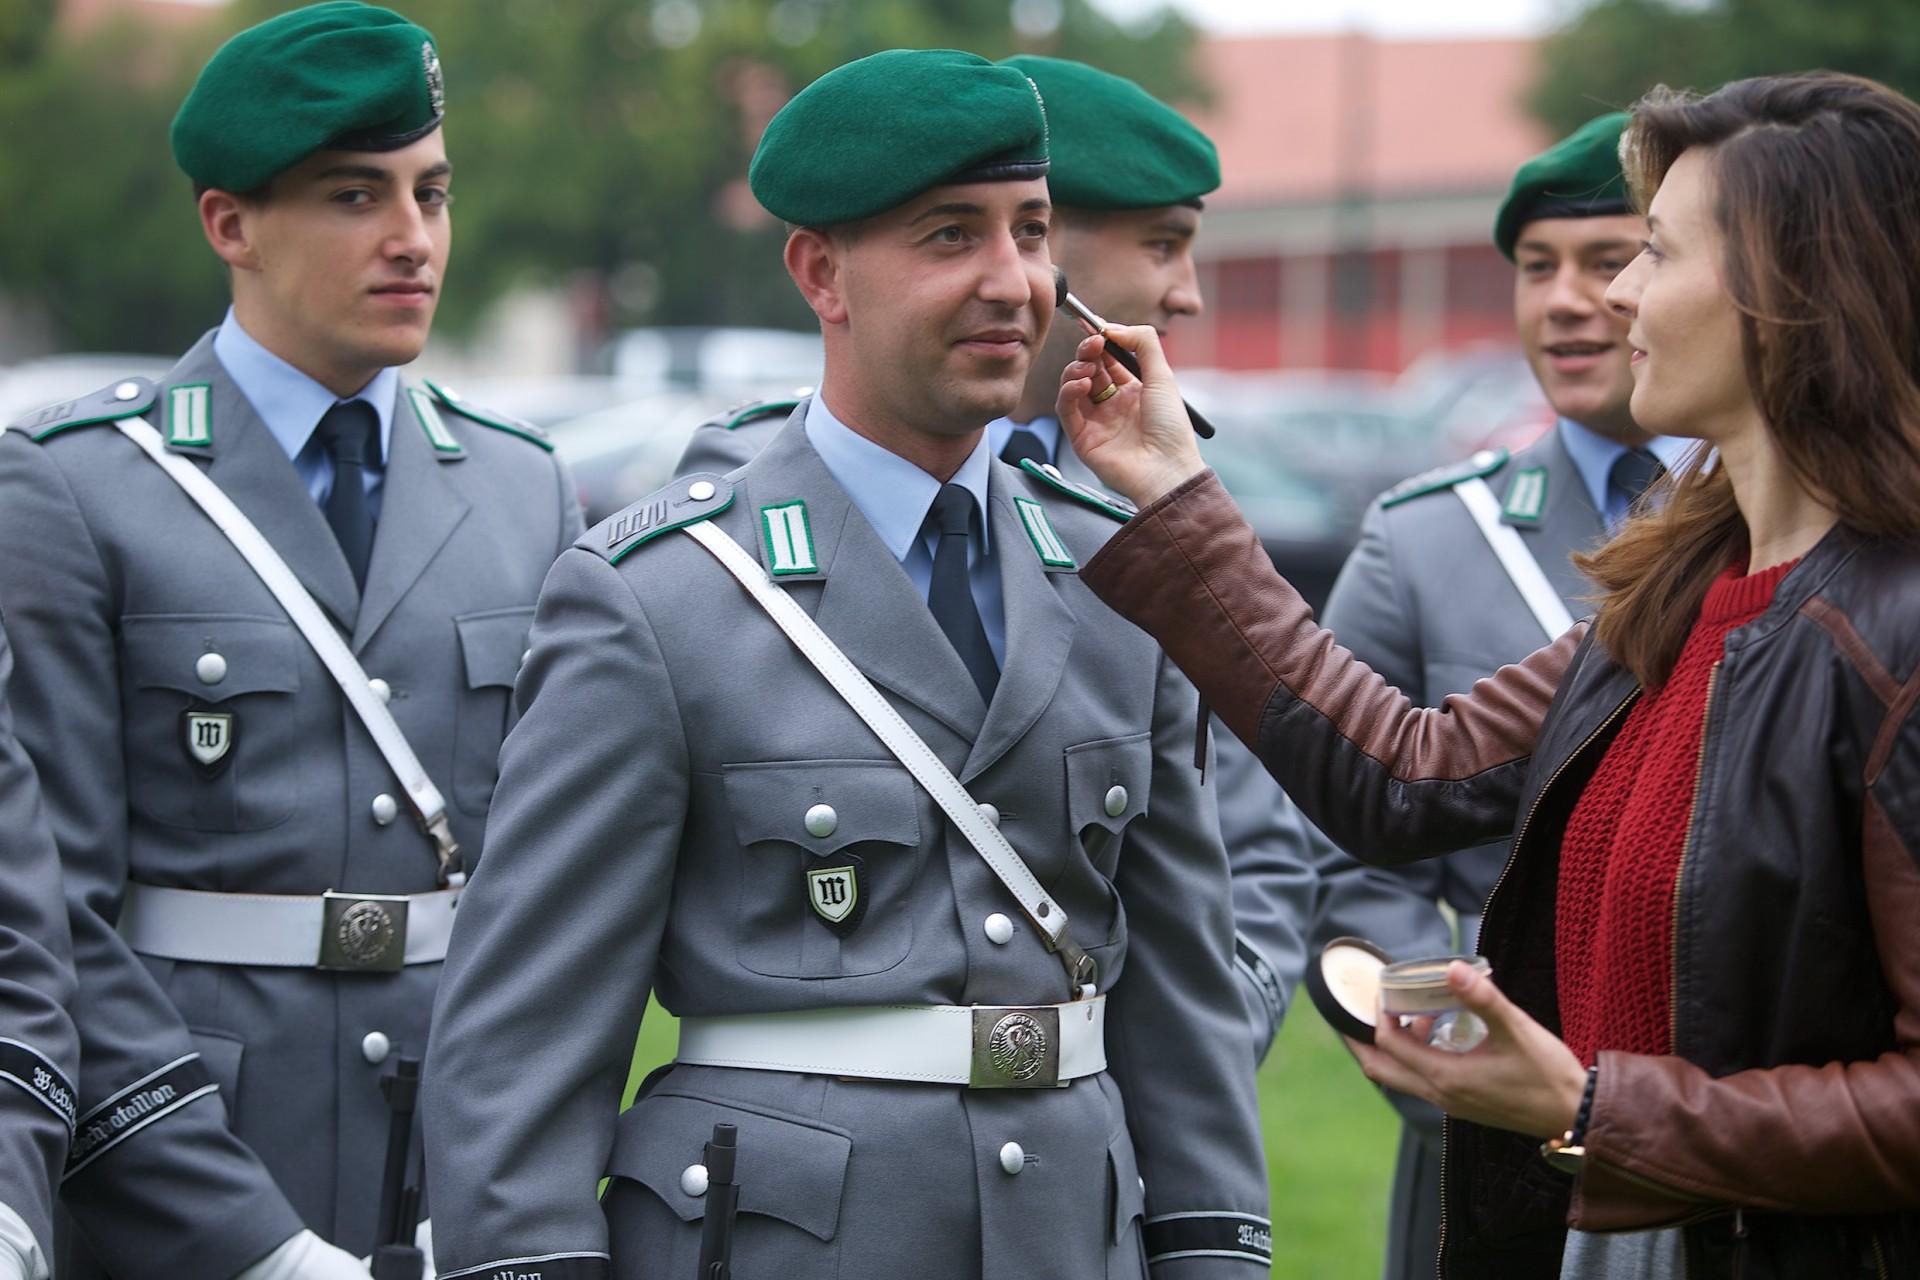 Vorbereitung auf einen Staatsbesuch Wachbataillon beim Bundesministerium der Verteidigung Kurt-Schumacher-Damm 41 13405 Berlin